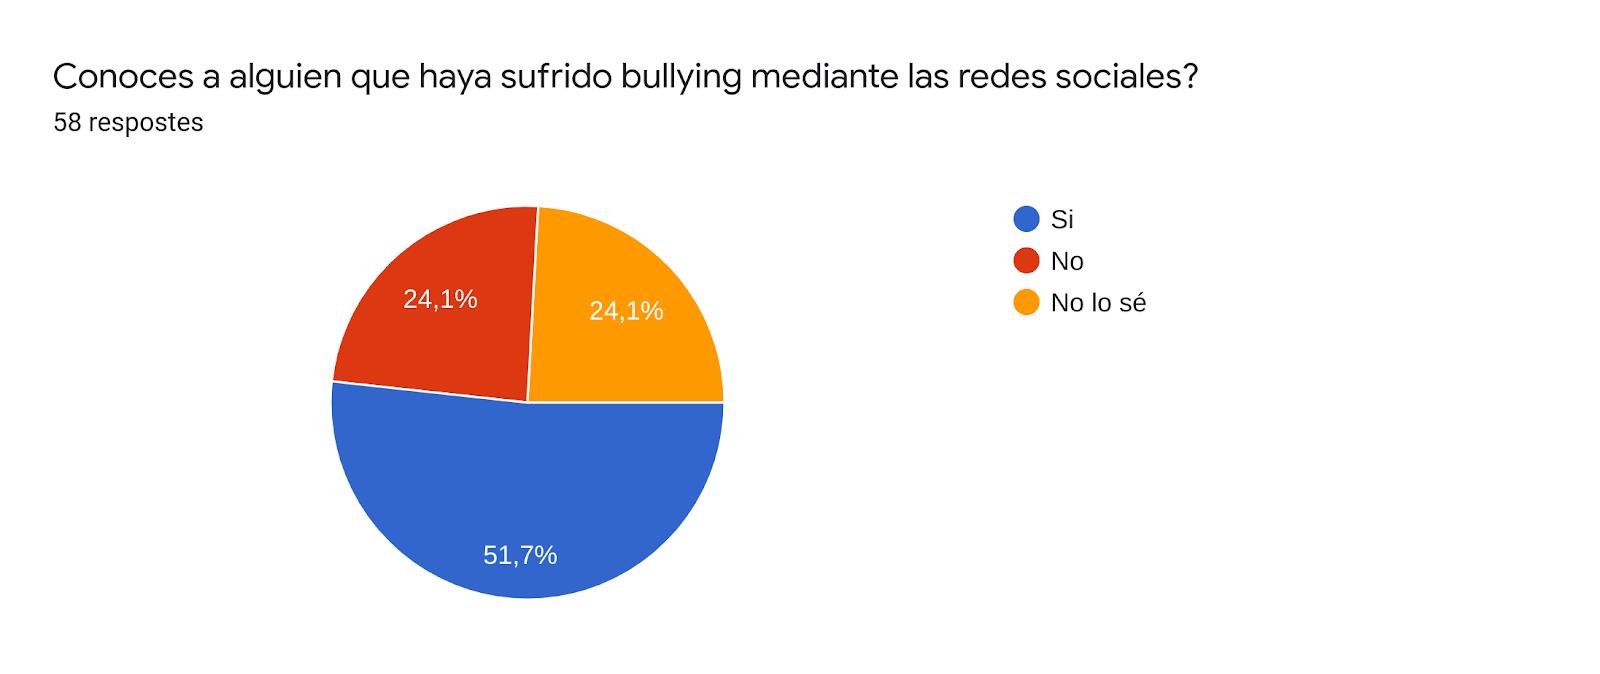 Gràfic de respostes de Formularis. Títol de la pregunta: Conoces a alguien que haya sufrido bullying mediante las redes sociales?. Nombre de respostes: 58 respostes.